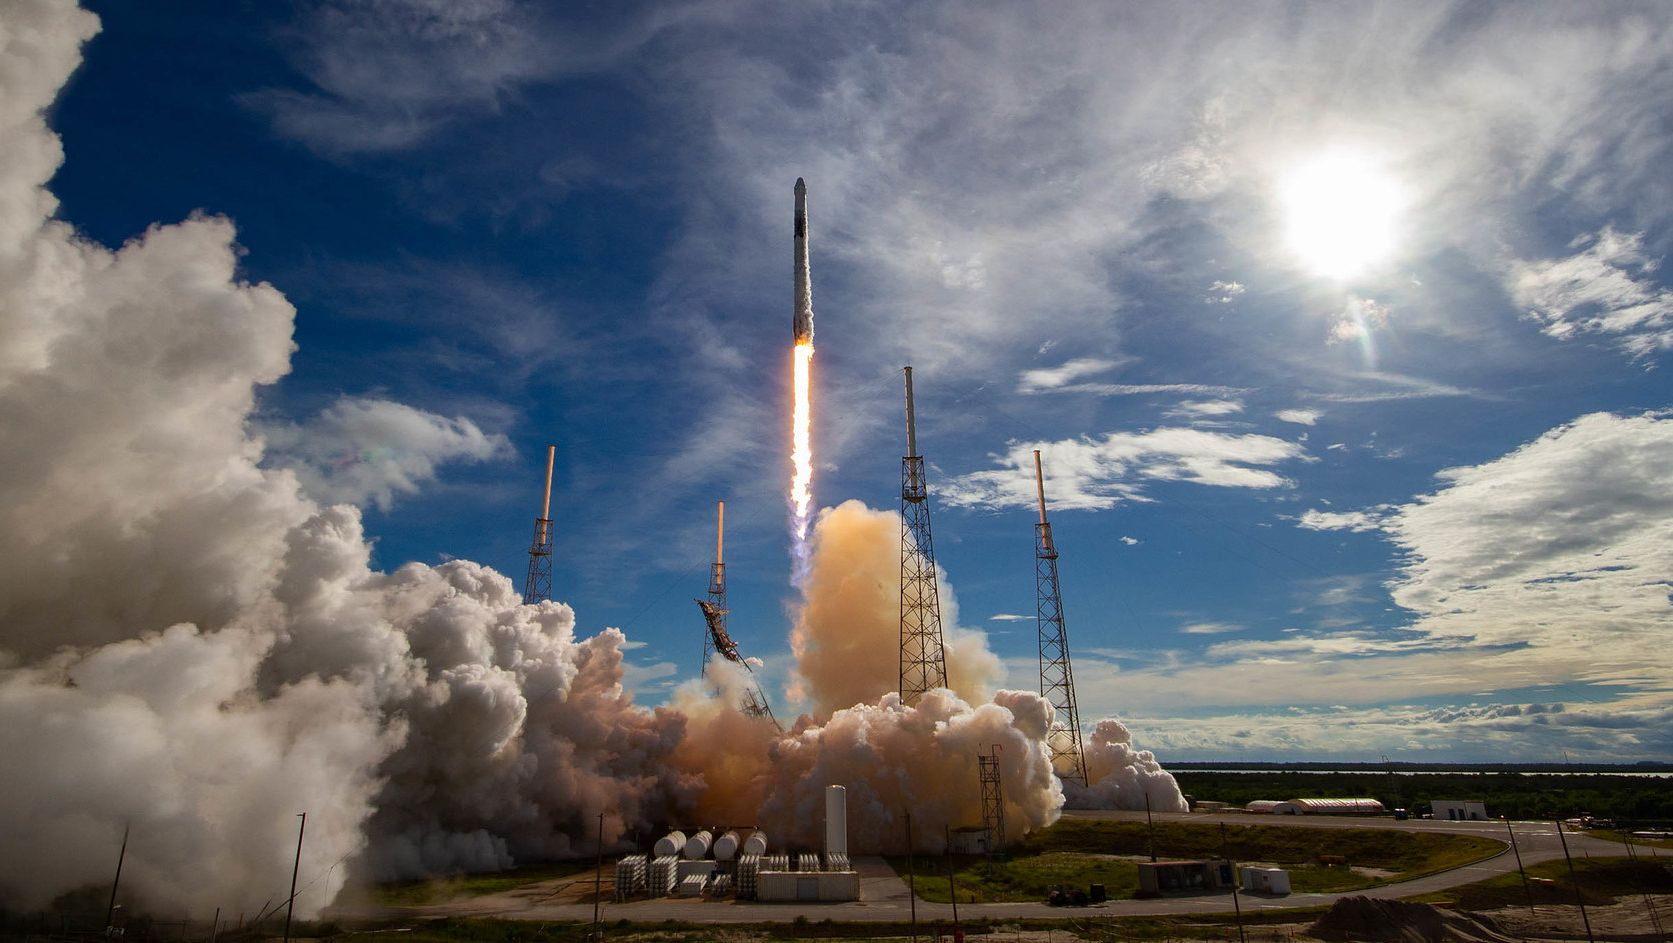 ロケットの「相乗り」で 宇宙はもっと近くなる